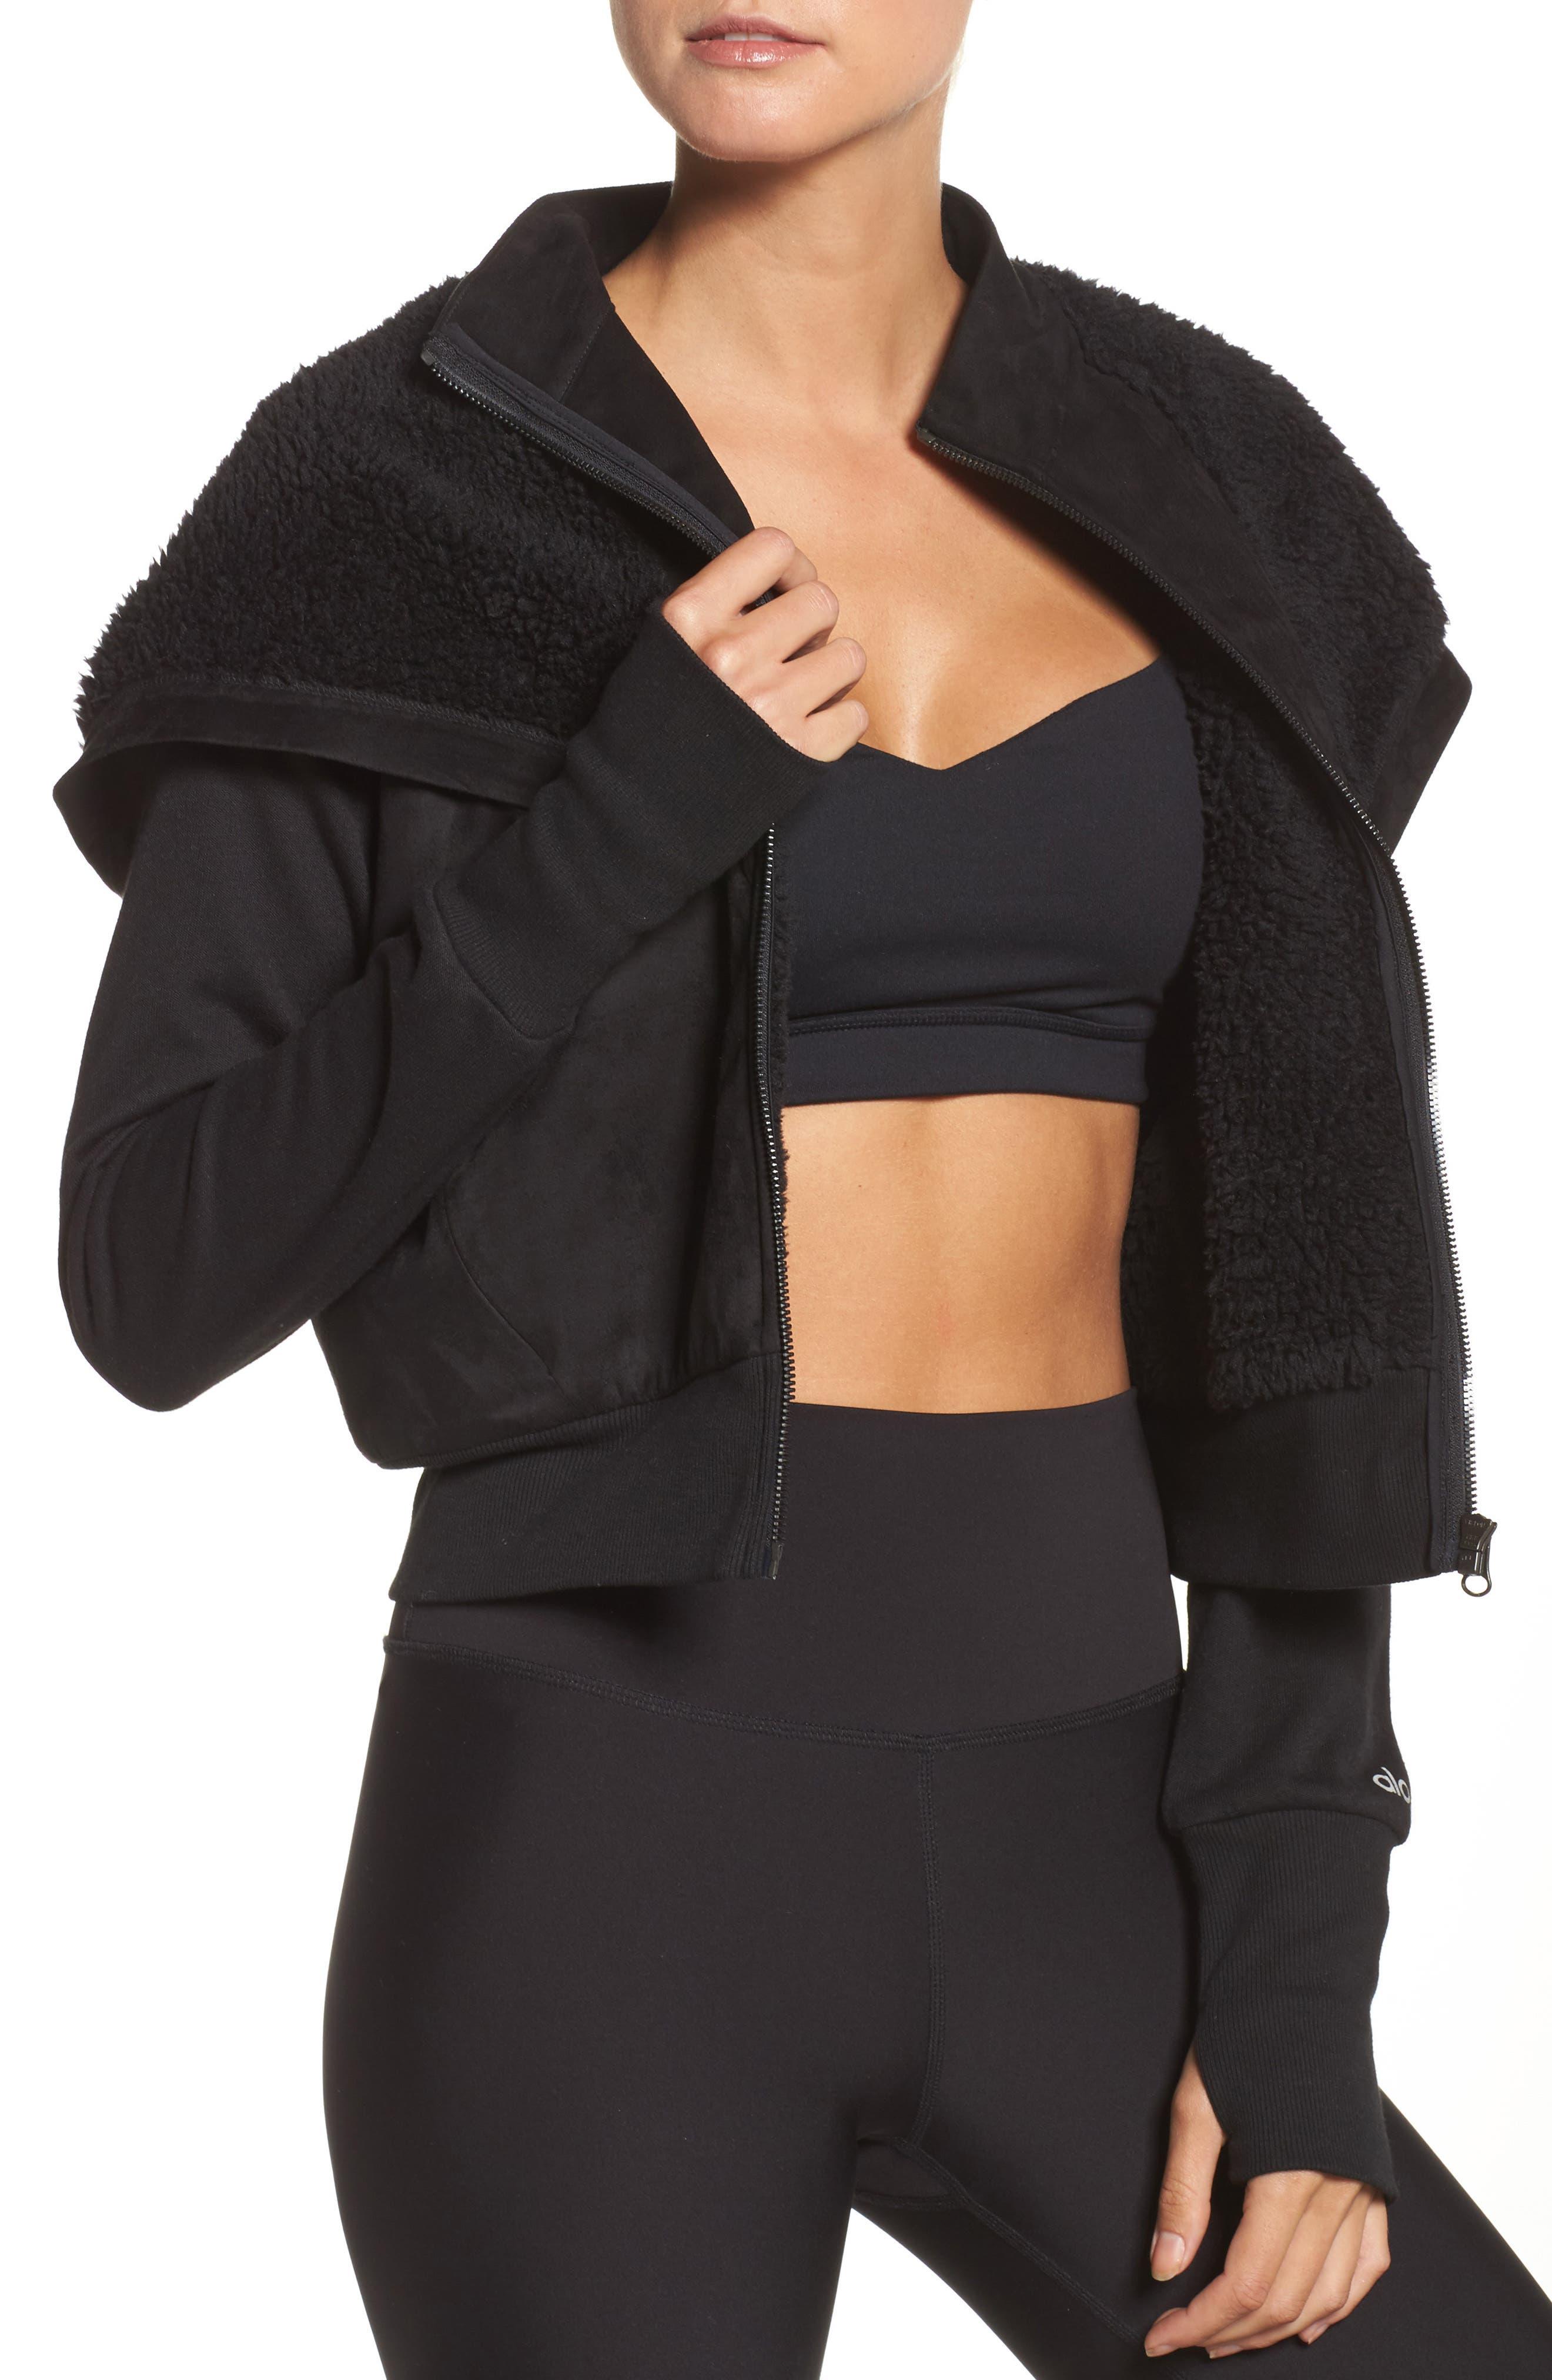 LA Winter Faux Fur Lined Jacket,                             Alternate thumbnail 4, color,                             001